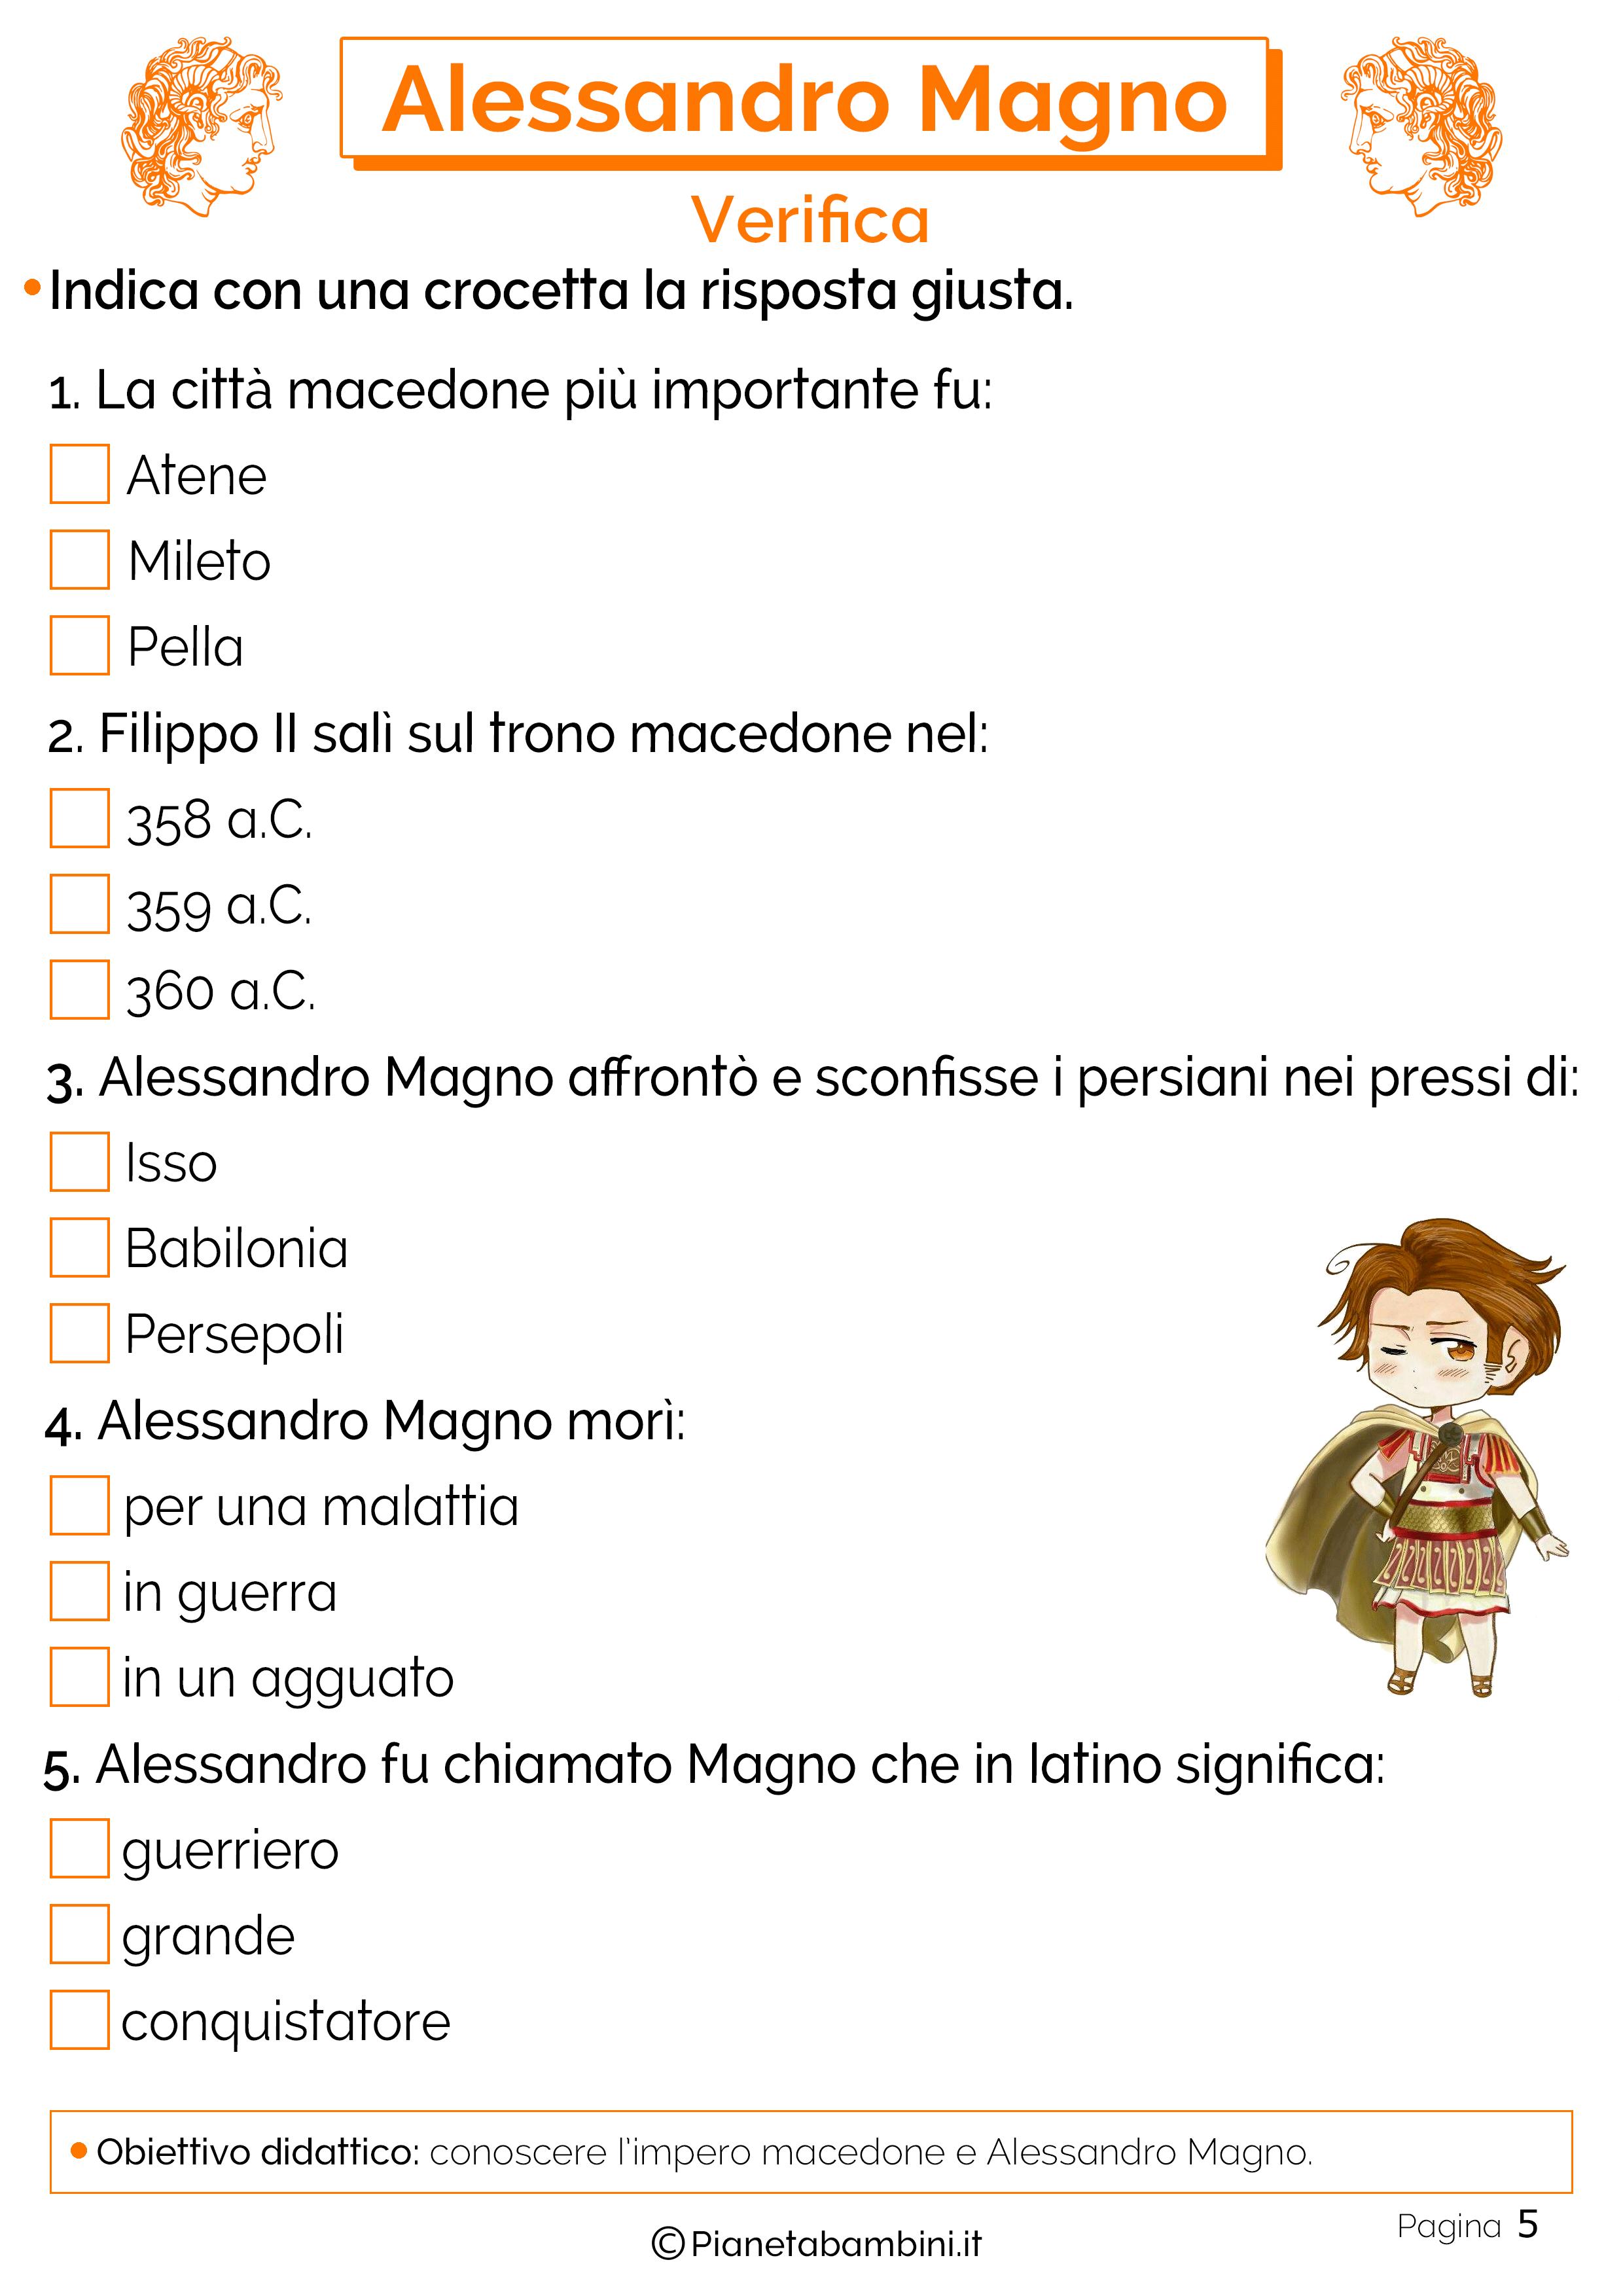 Verifica sui macedoni e Alessandro Magno